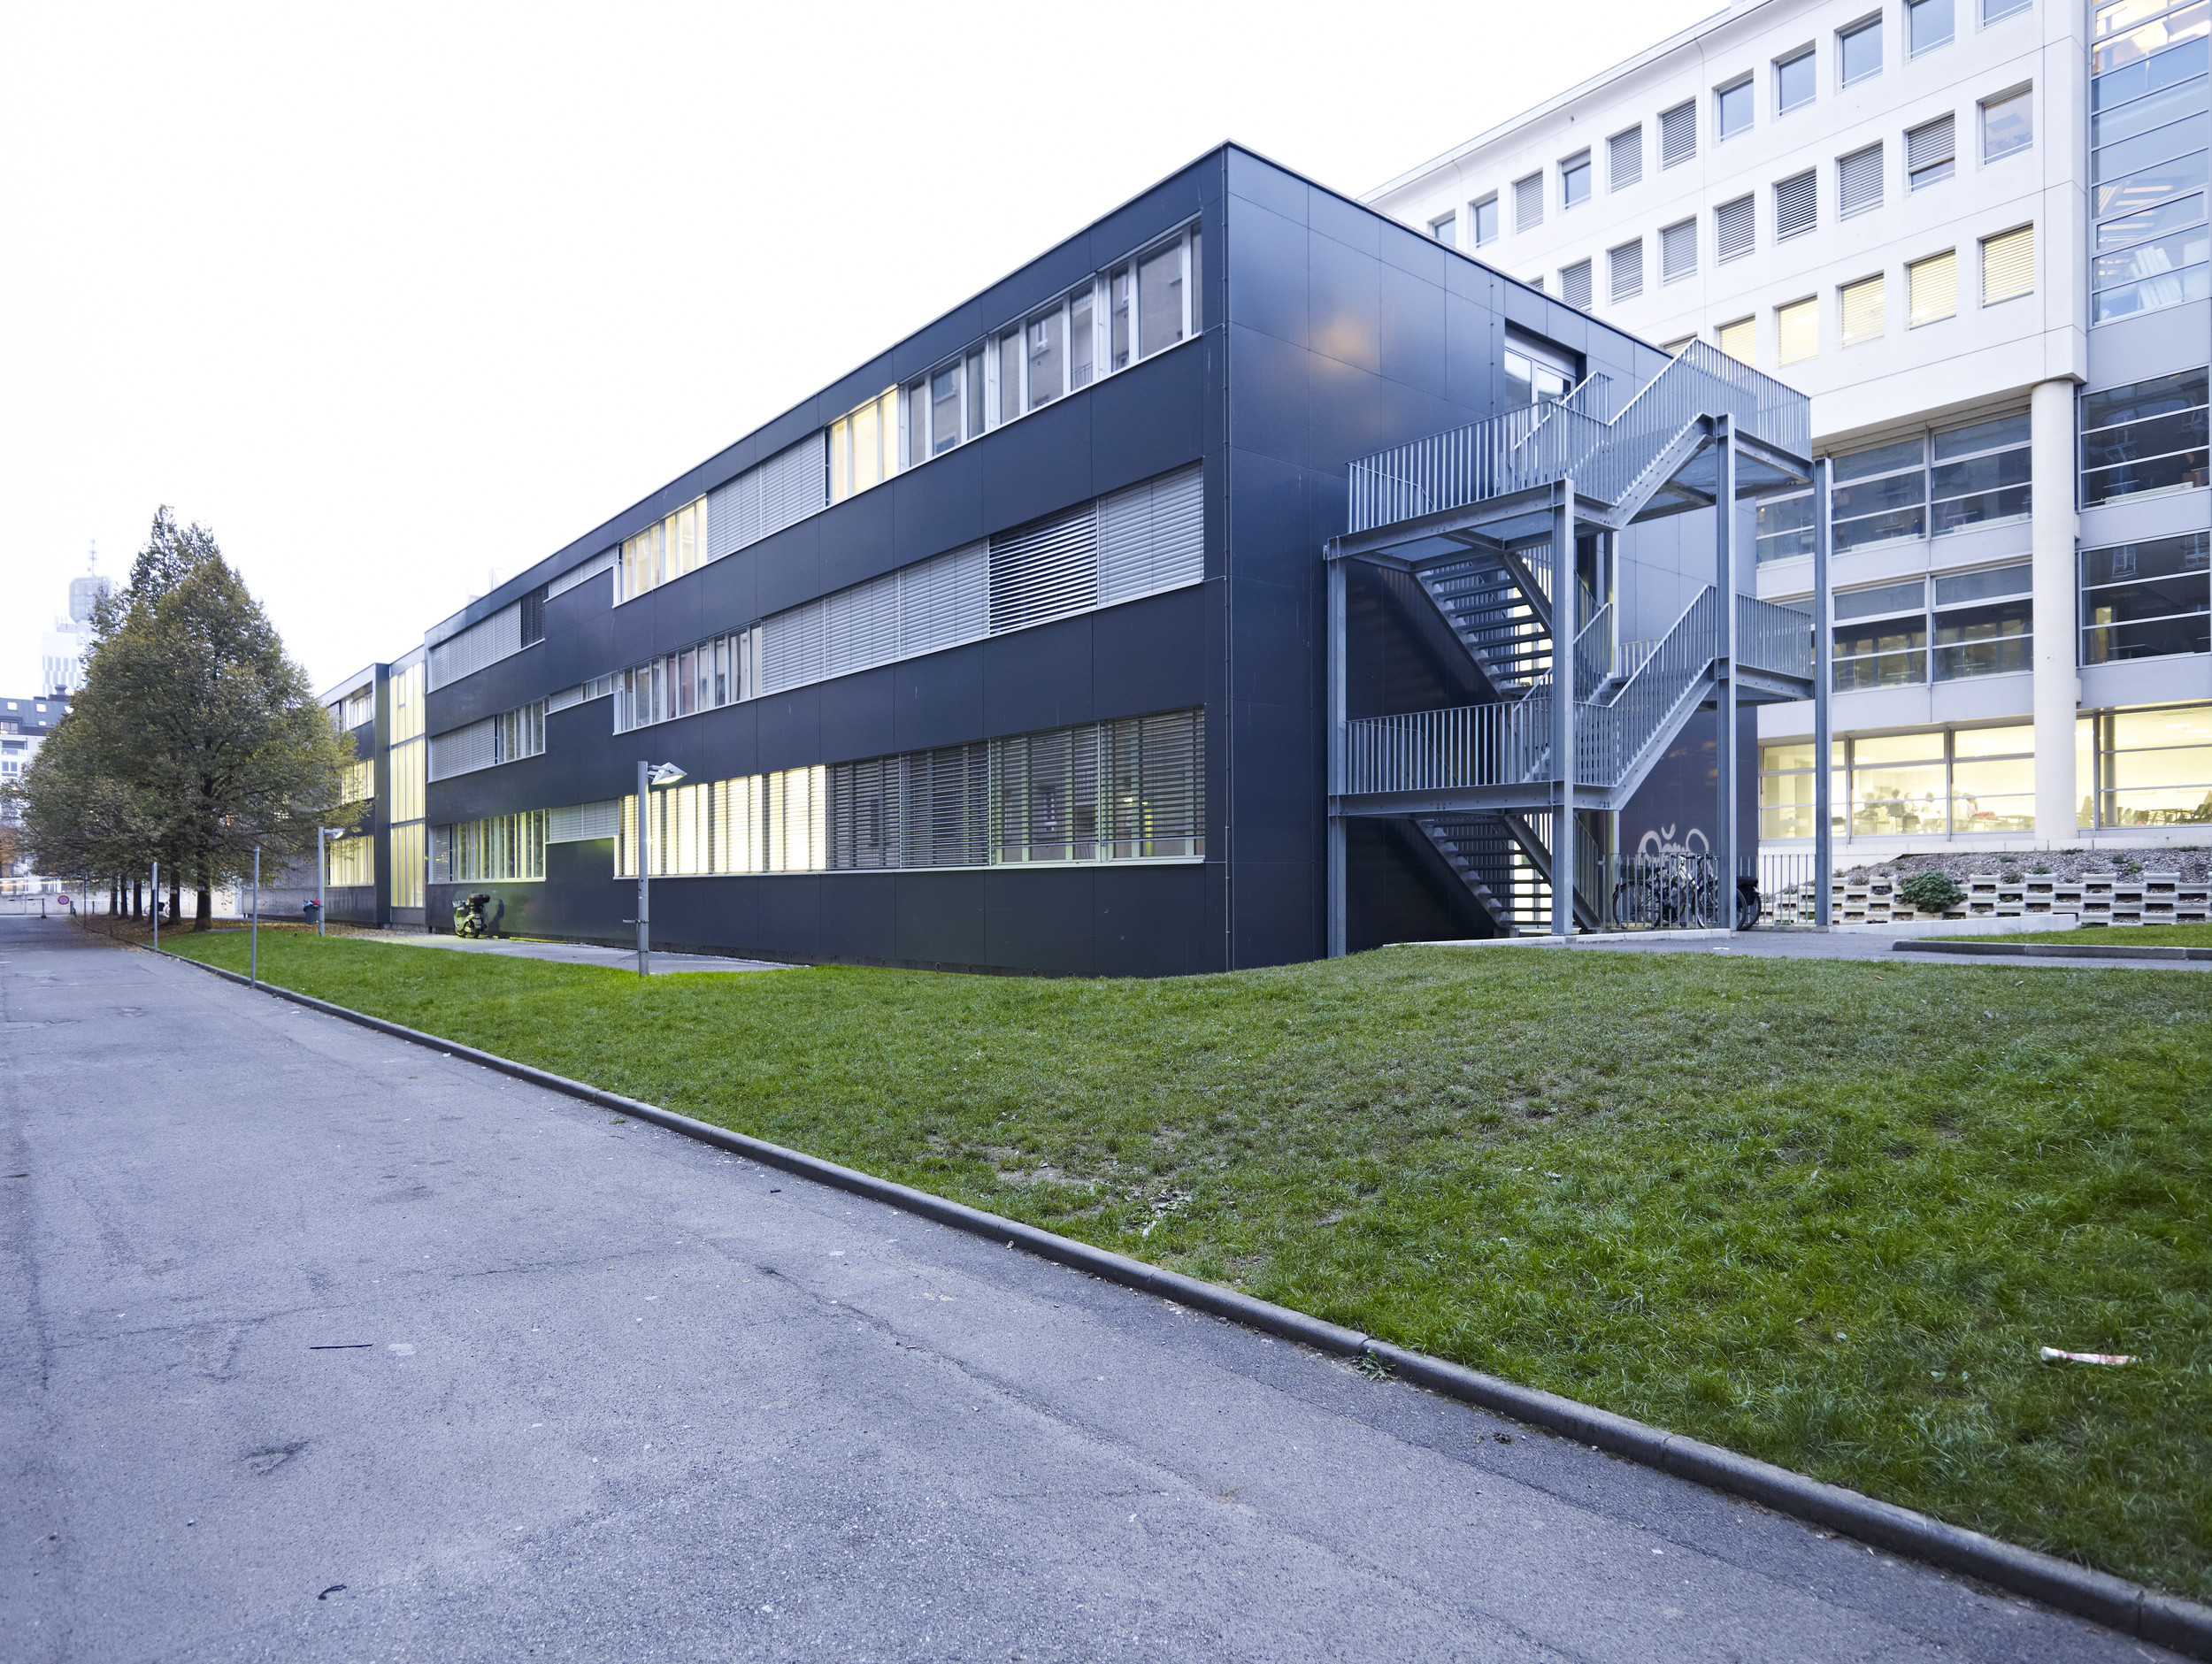 2-stöckiges Gebäude mit Fensterelement mit feststehenden Teilen